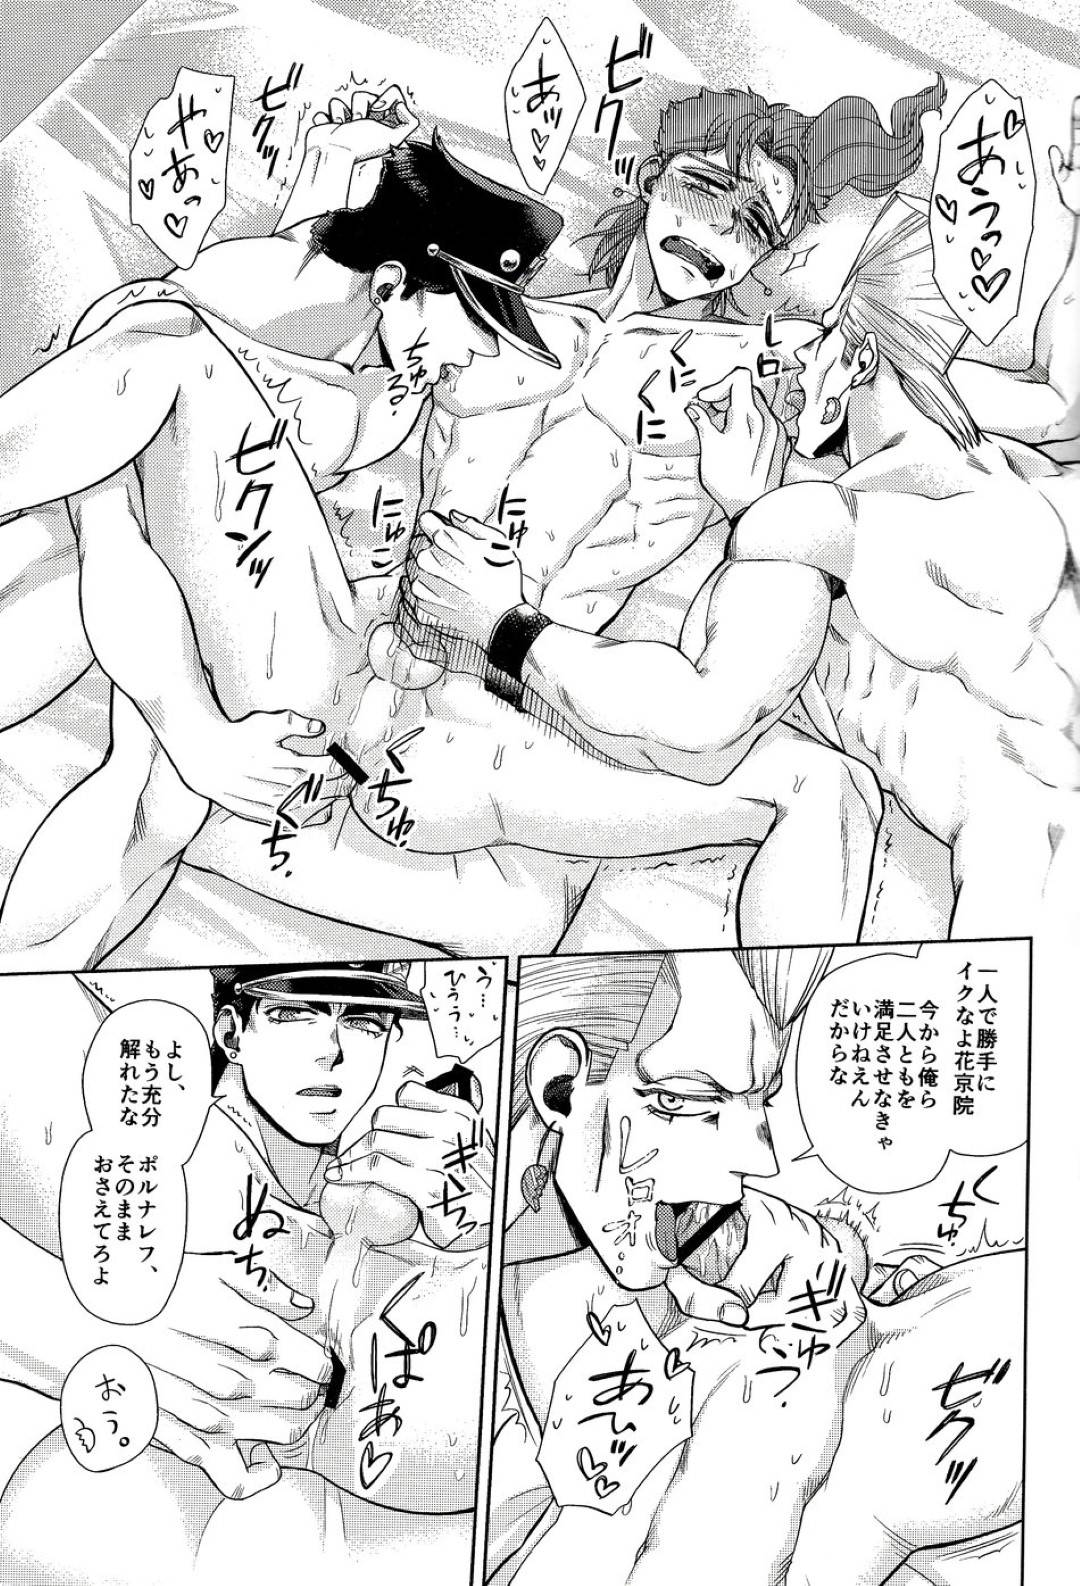 二股がバレた花京院…承太郎とポルナレフに二股していた花京院はバレてしまい2人に襲われる!手コキや前立腺を責められ空イキすると3Pアナルセックスで二本挿しされ絶頂する。